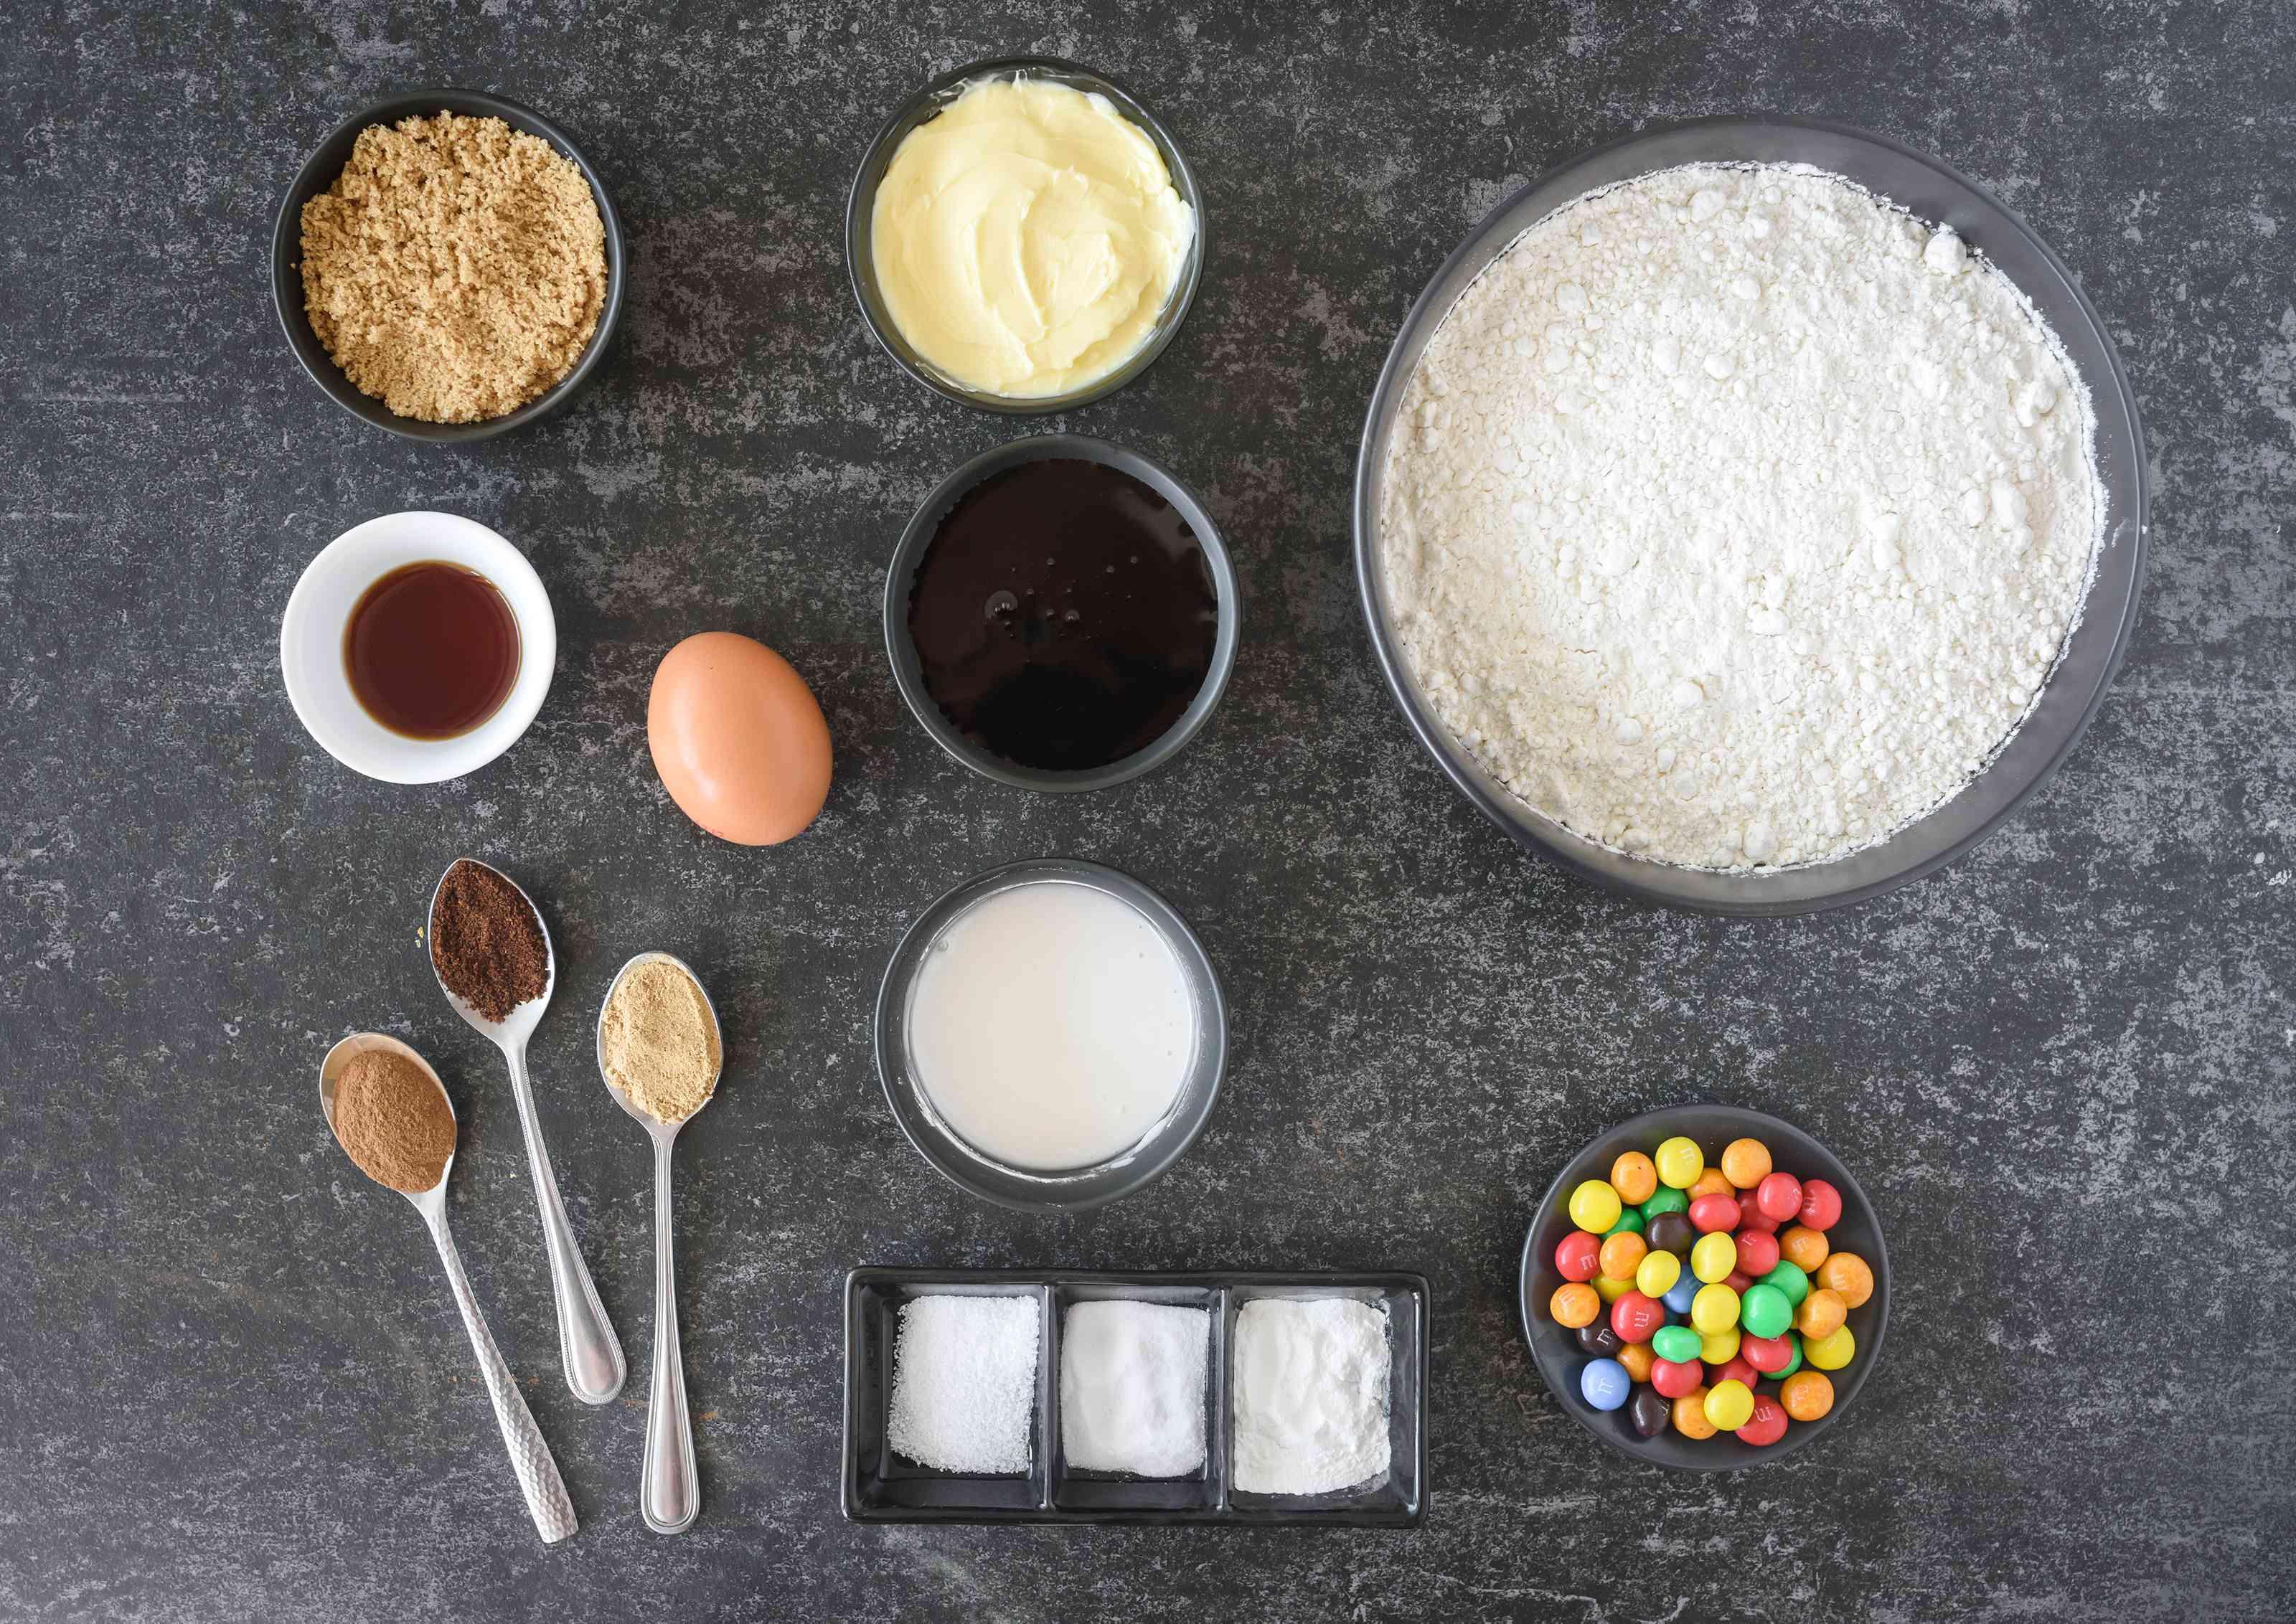 Ingredients for gingerbread cookies